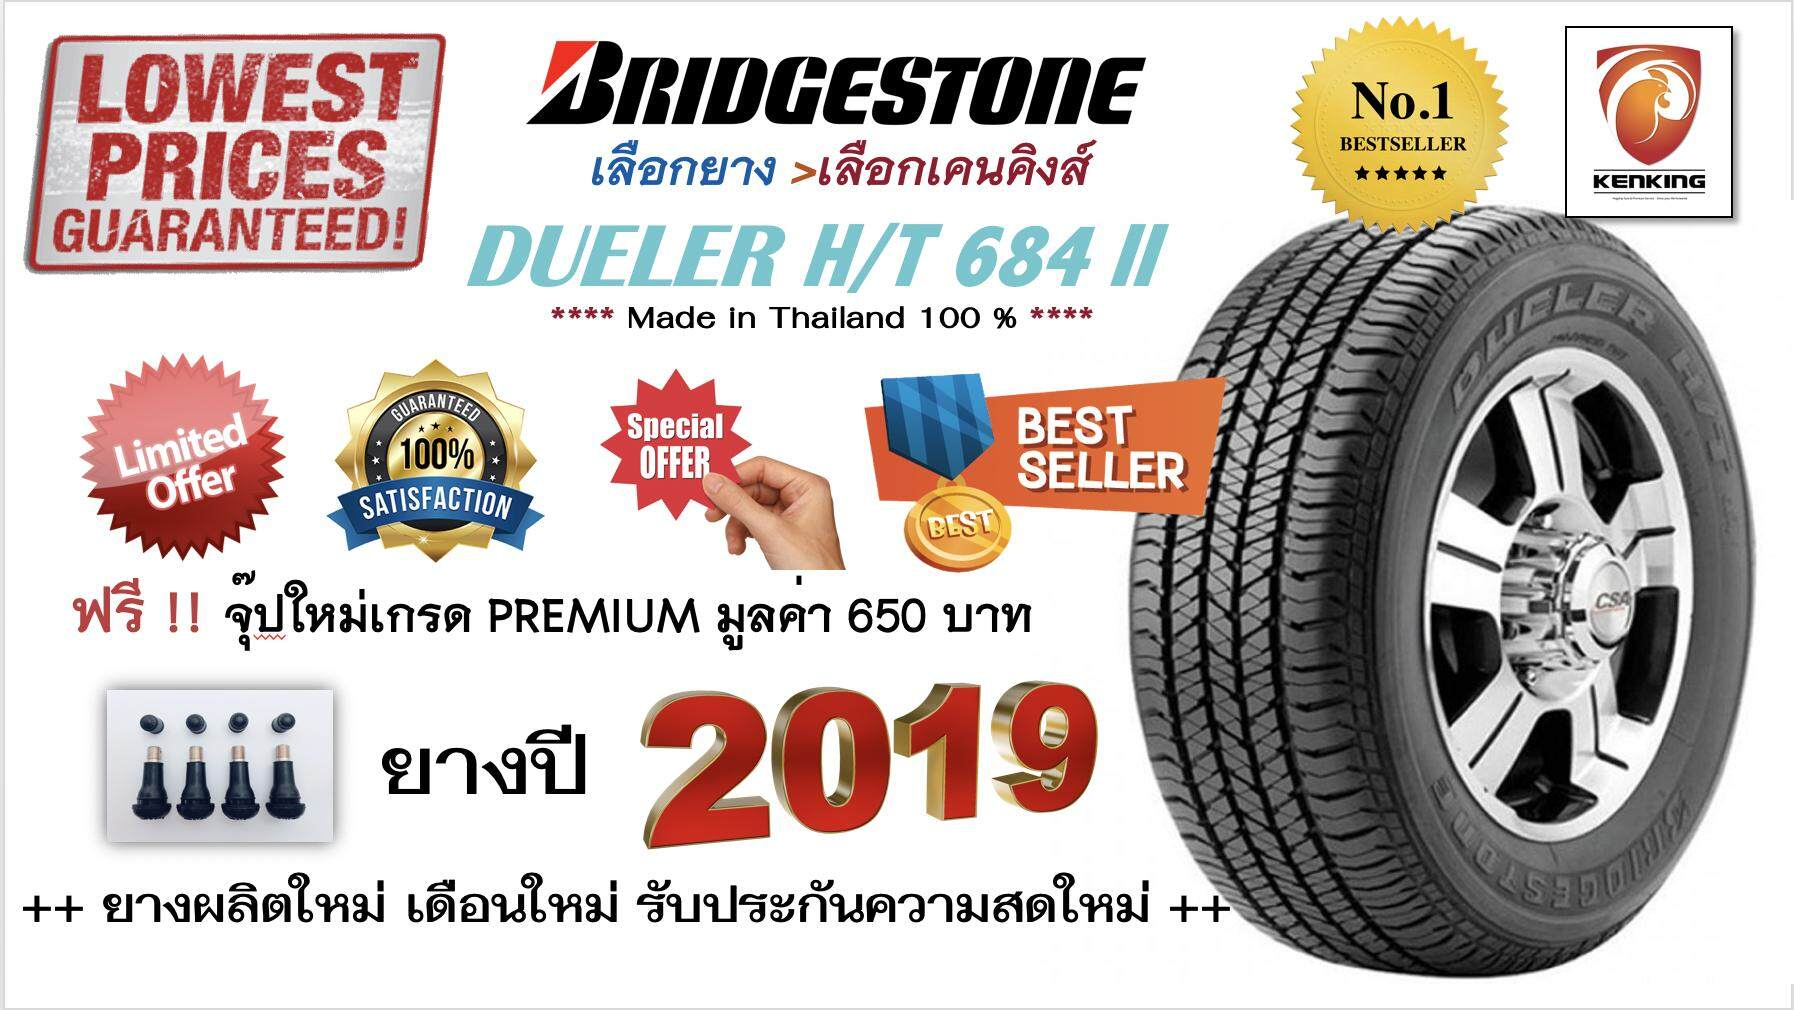 ประกันภัย รถยนต์ ชั้น 3 ราคา ถูก มุกดาหาร ยางรถยนต์ Bridgestone ปี 2019 NEW!!  265/65 R17 DUELER H/T 684 II (Made in Thailand)